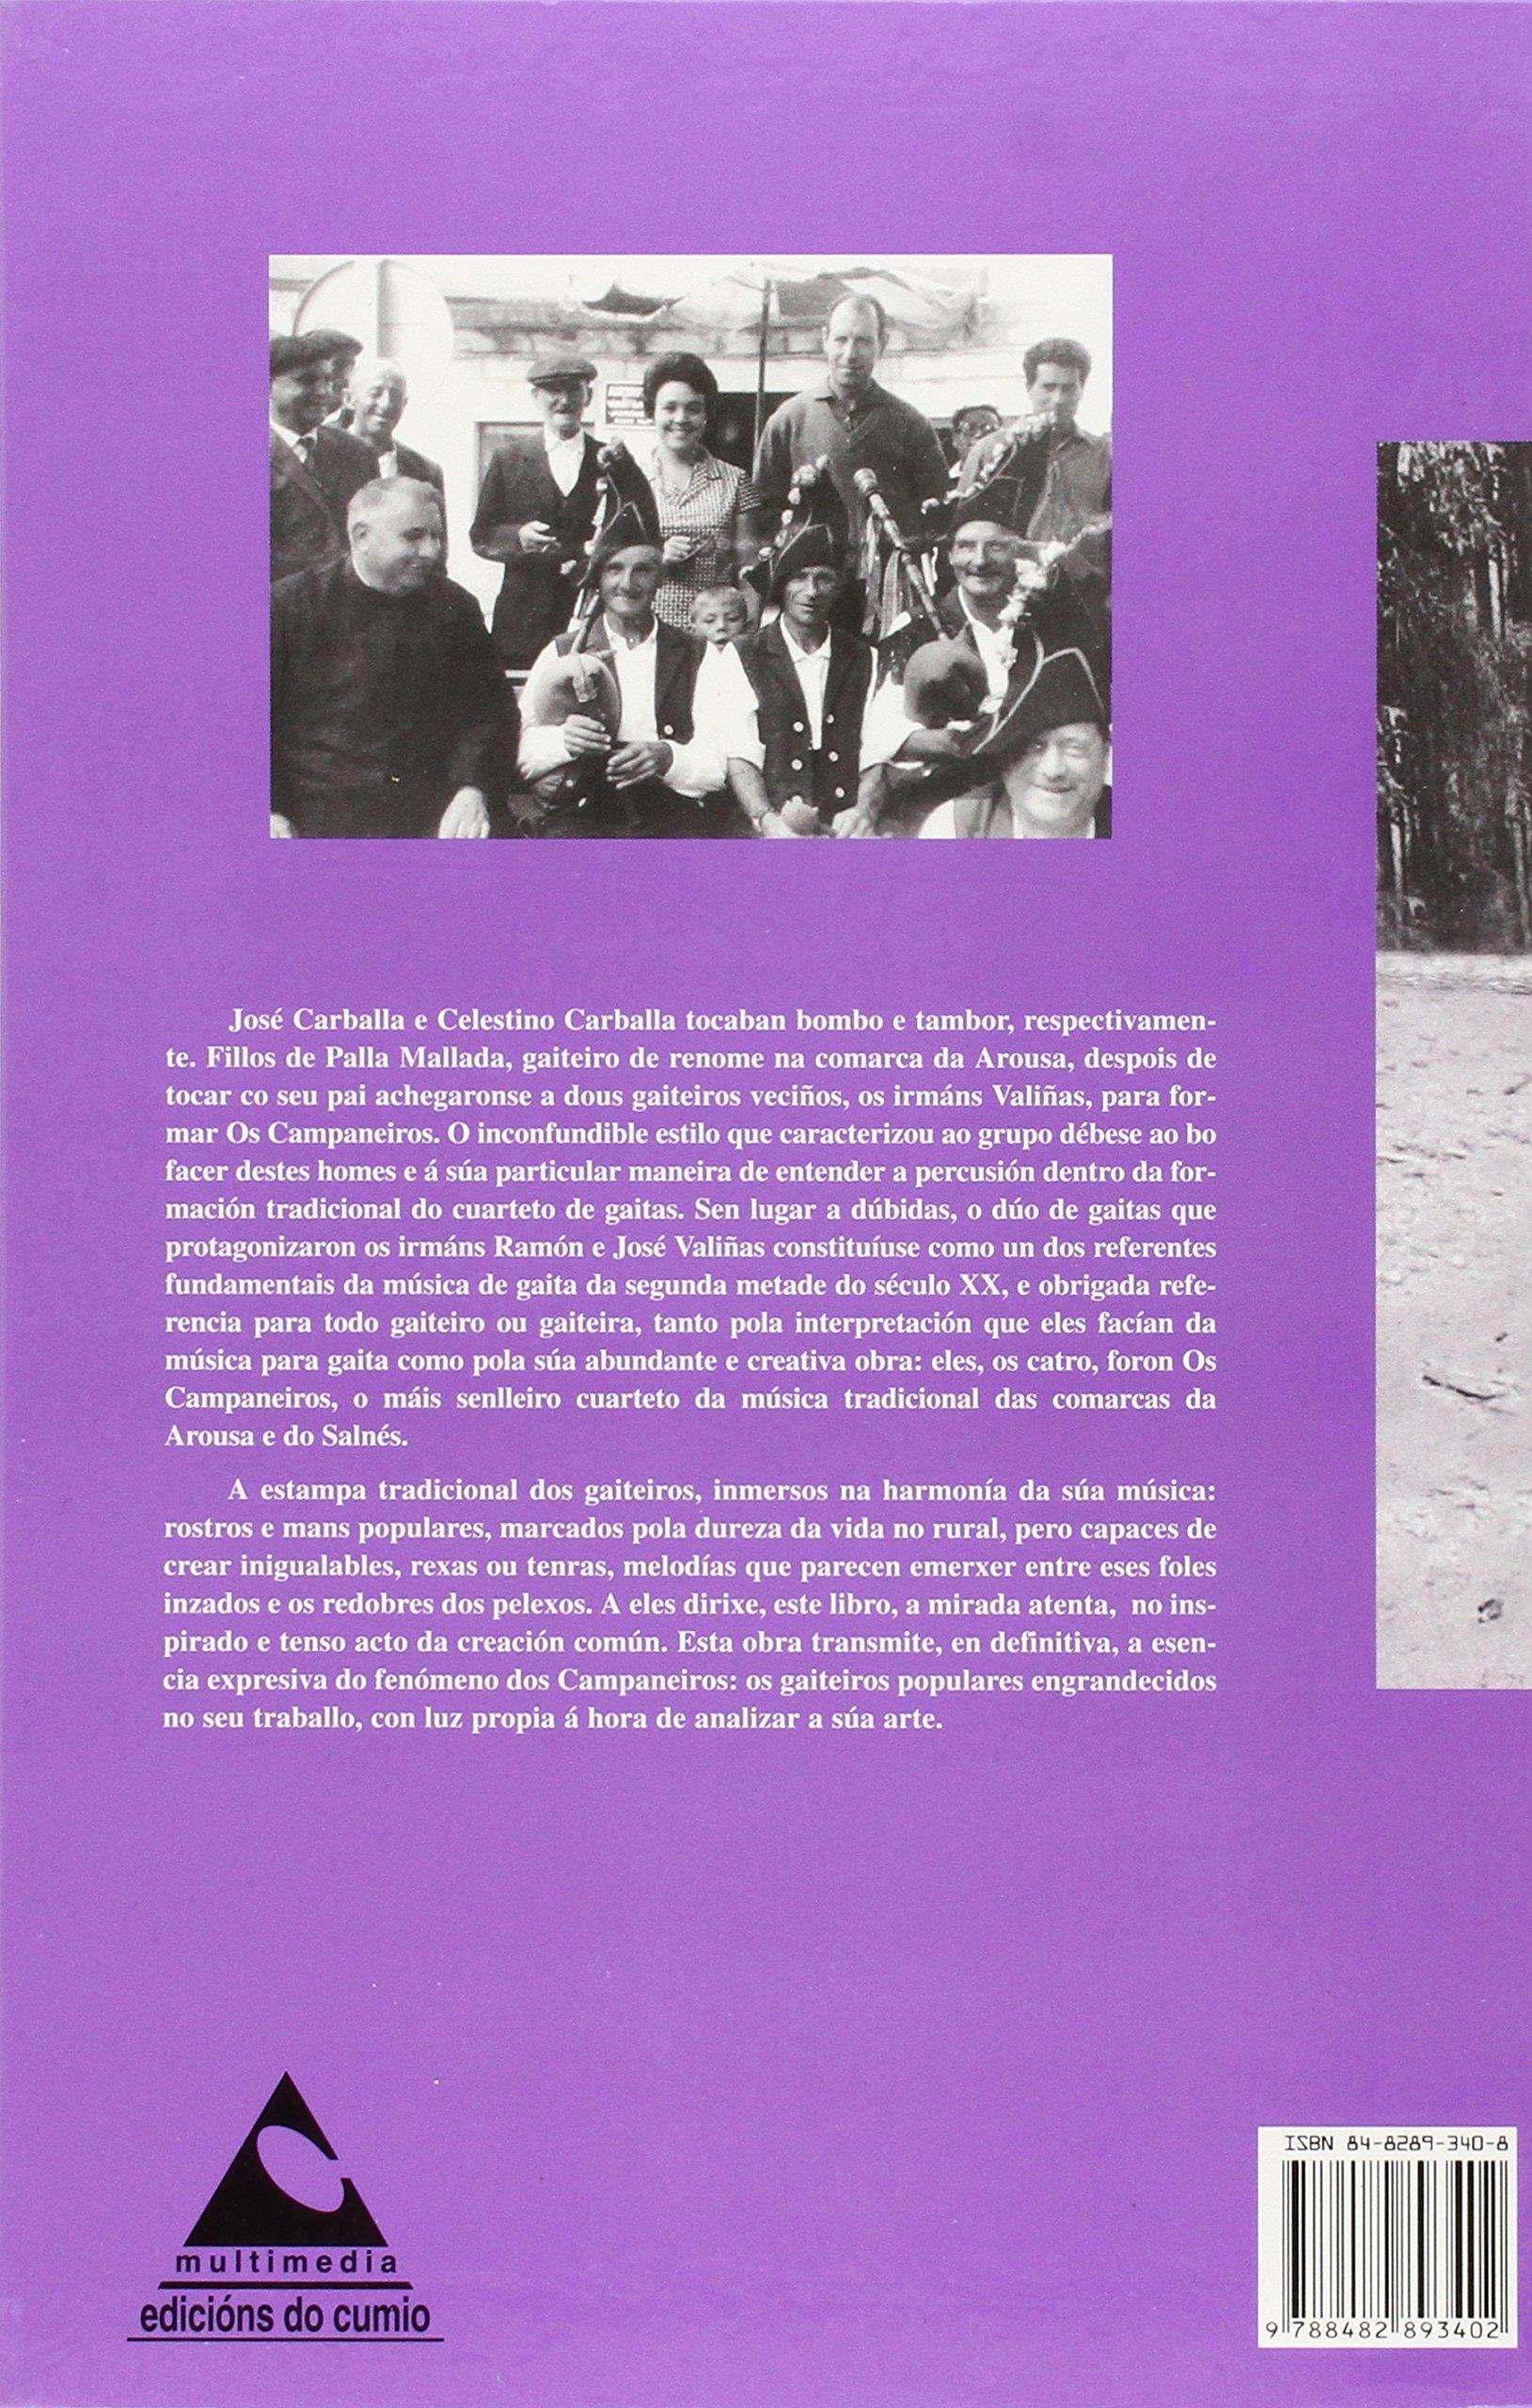 Os Campaneiros de Vilagarcía: Gaiteiros de Arousa e o Salnés ...